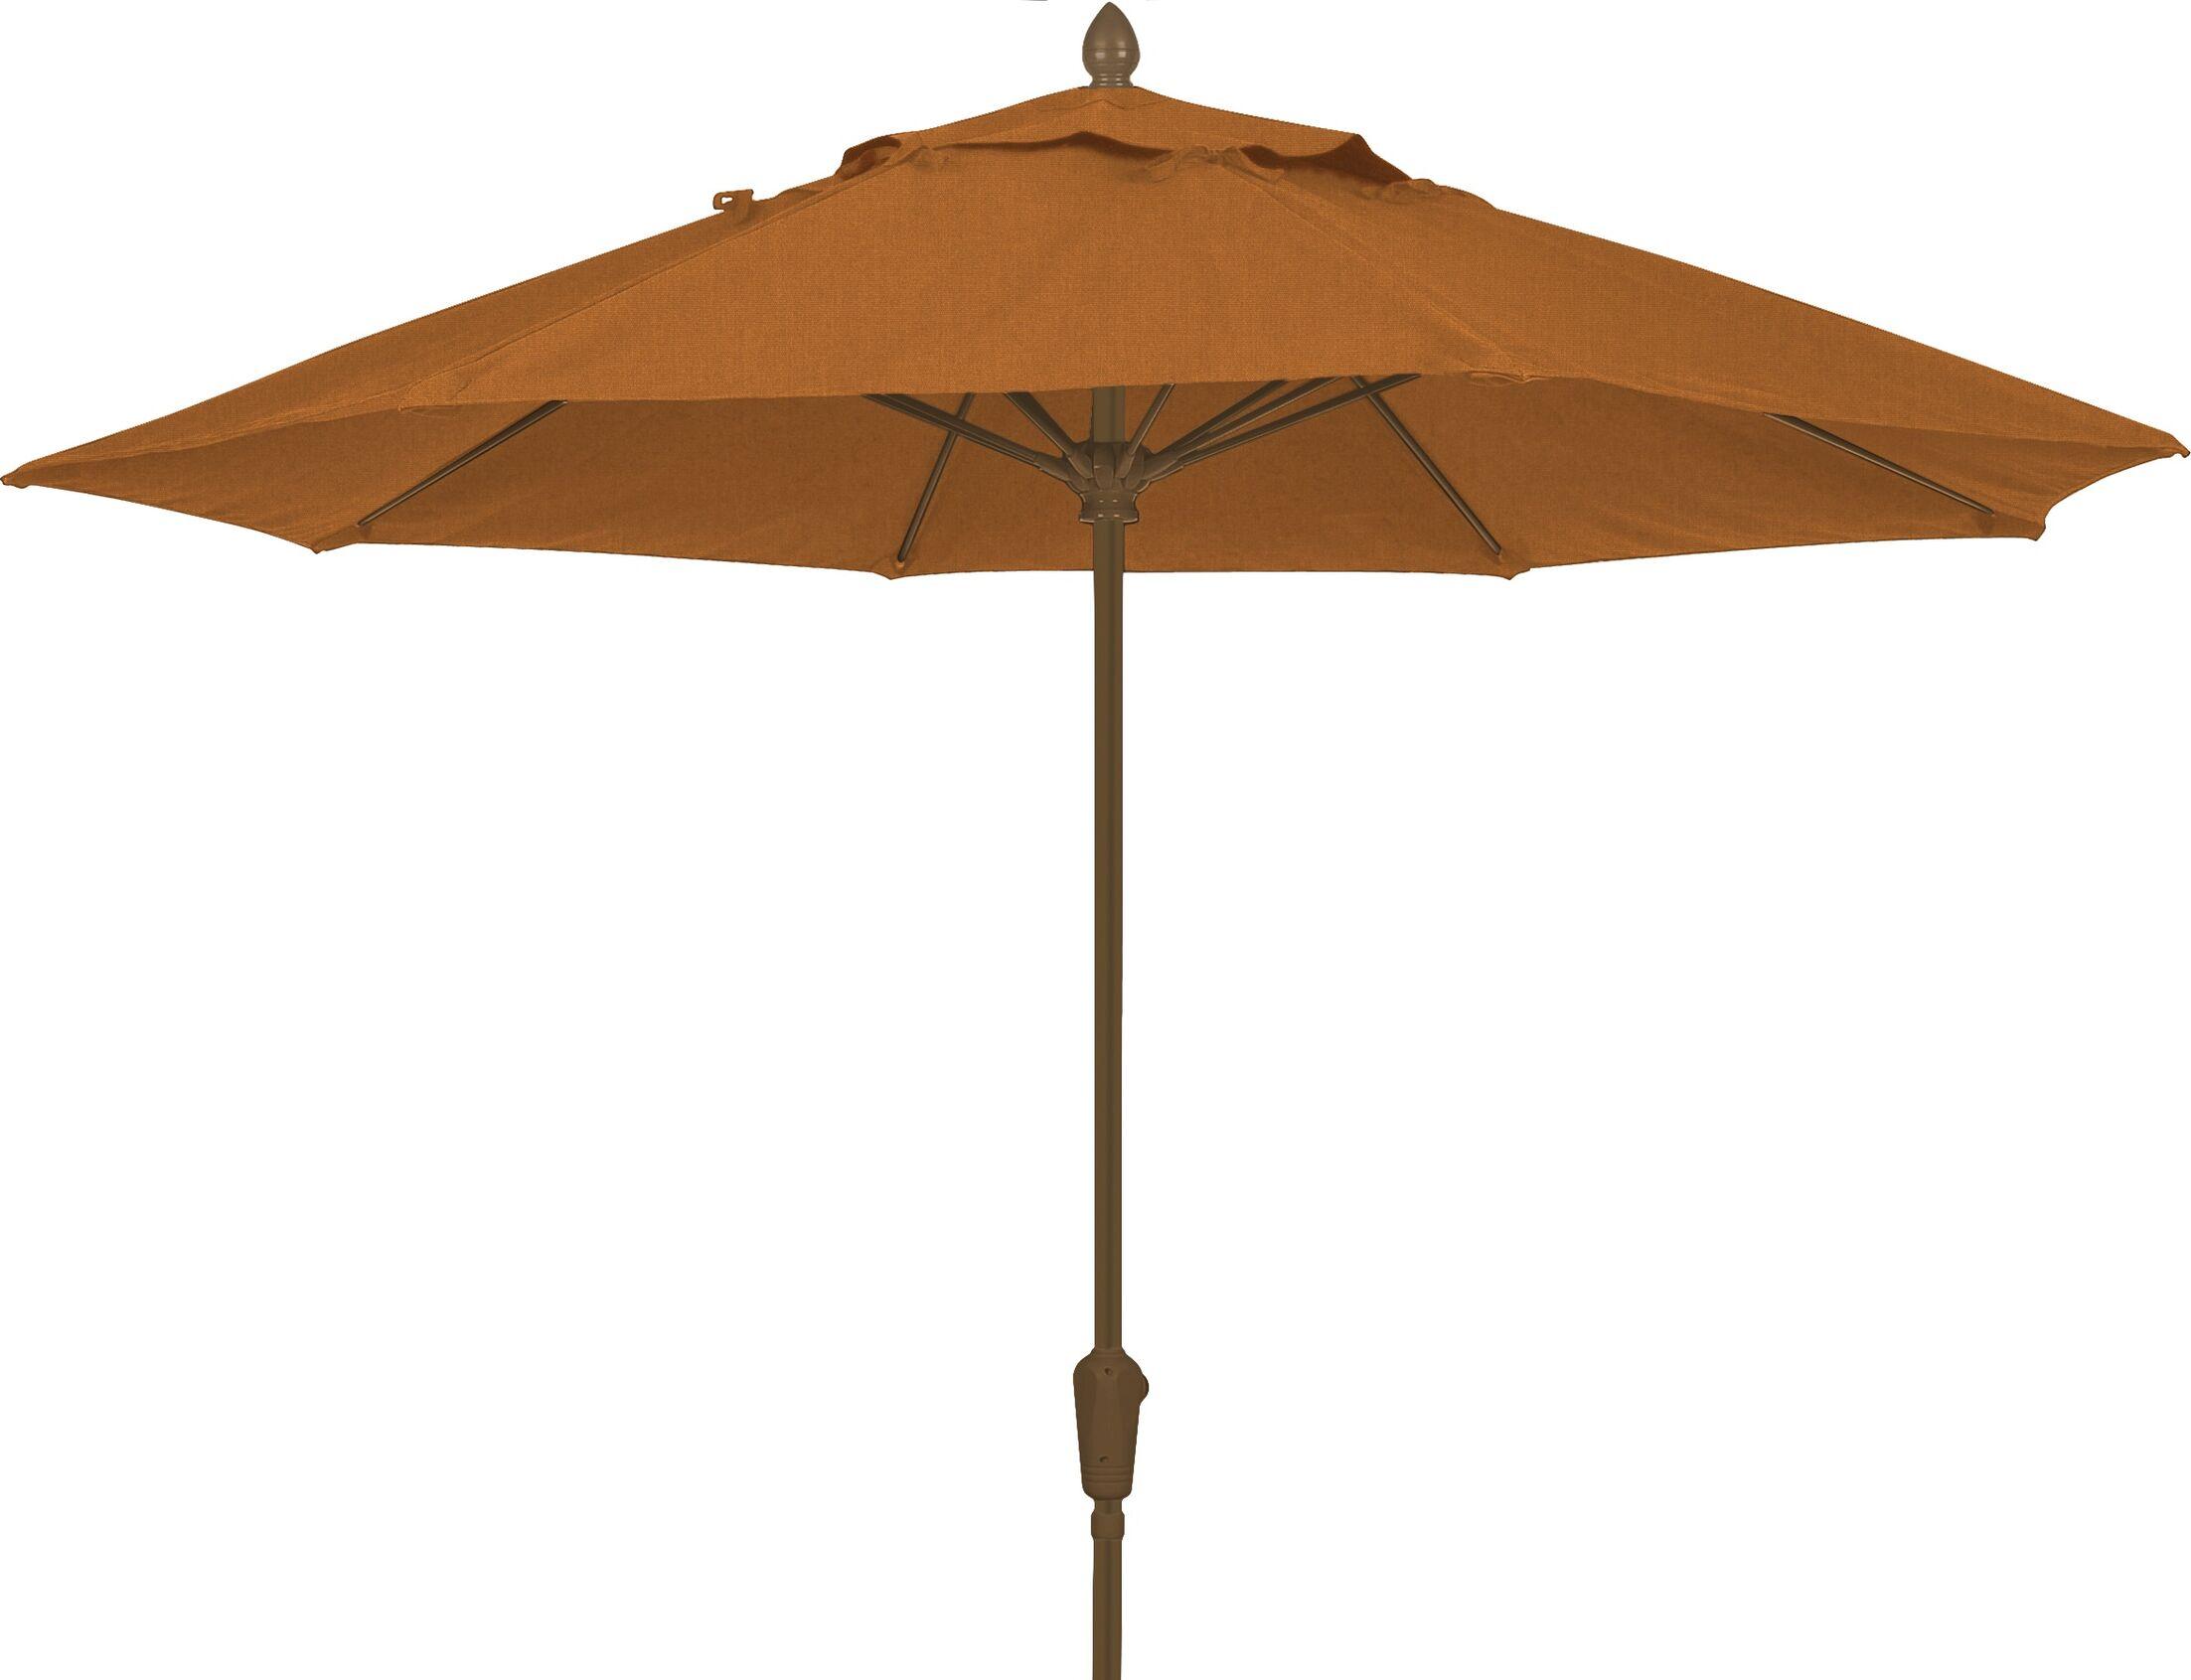 Prestige 7.5' Market Umbrella Fabric: Tan, Frame Finish: Champagne Bronze